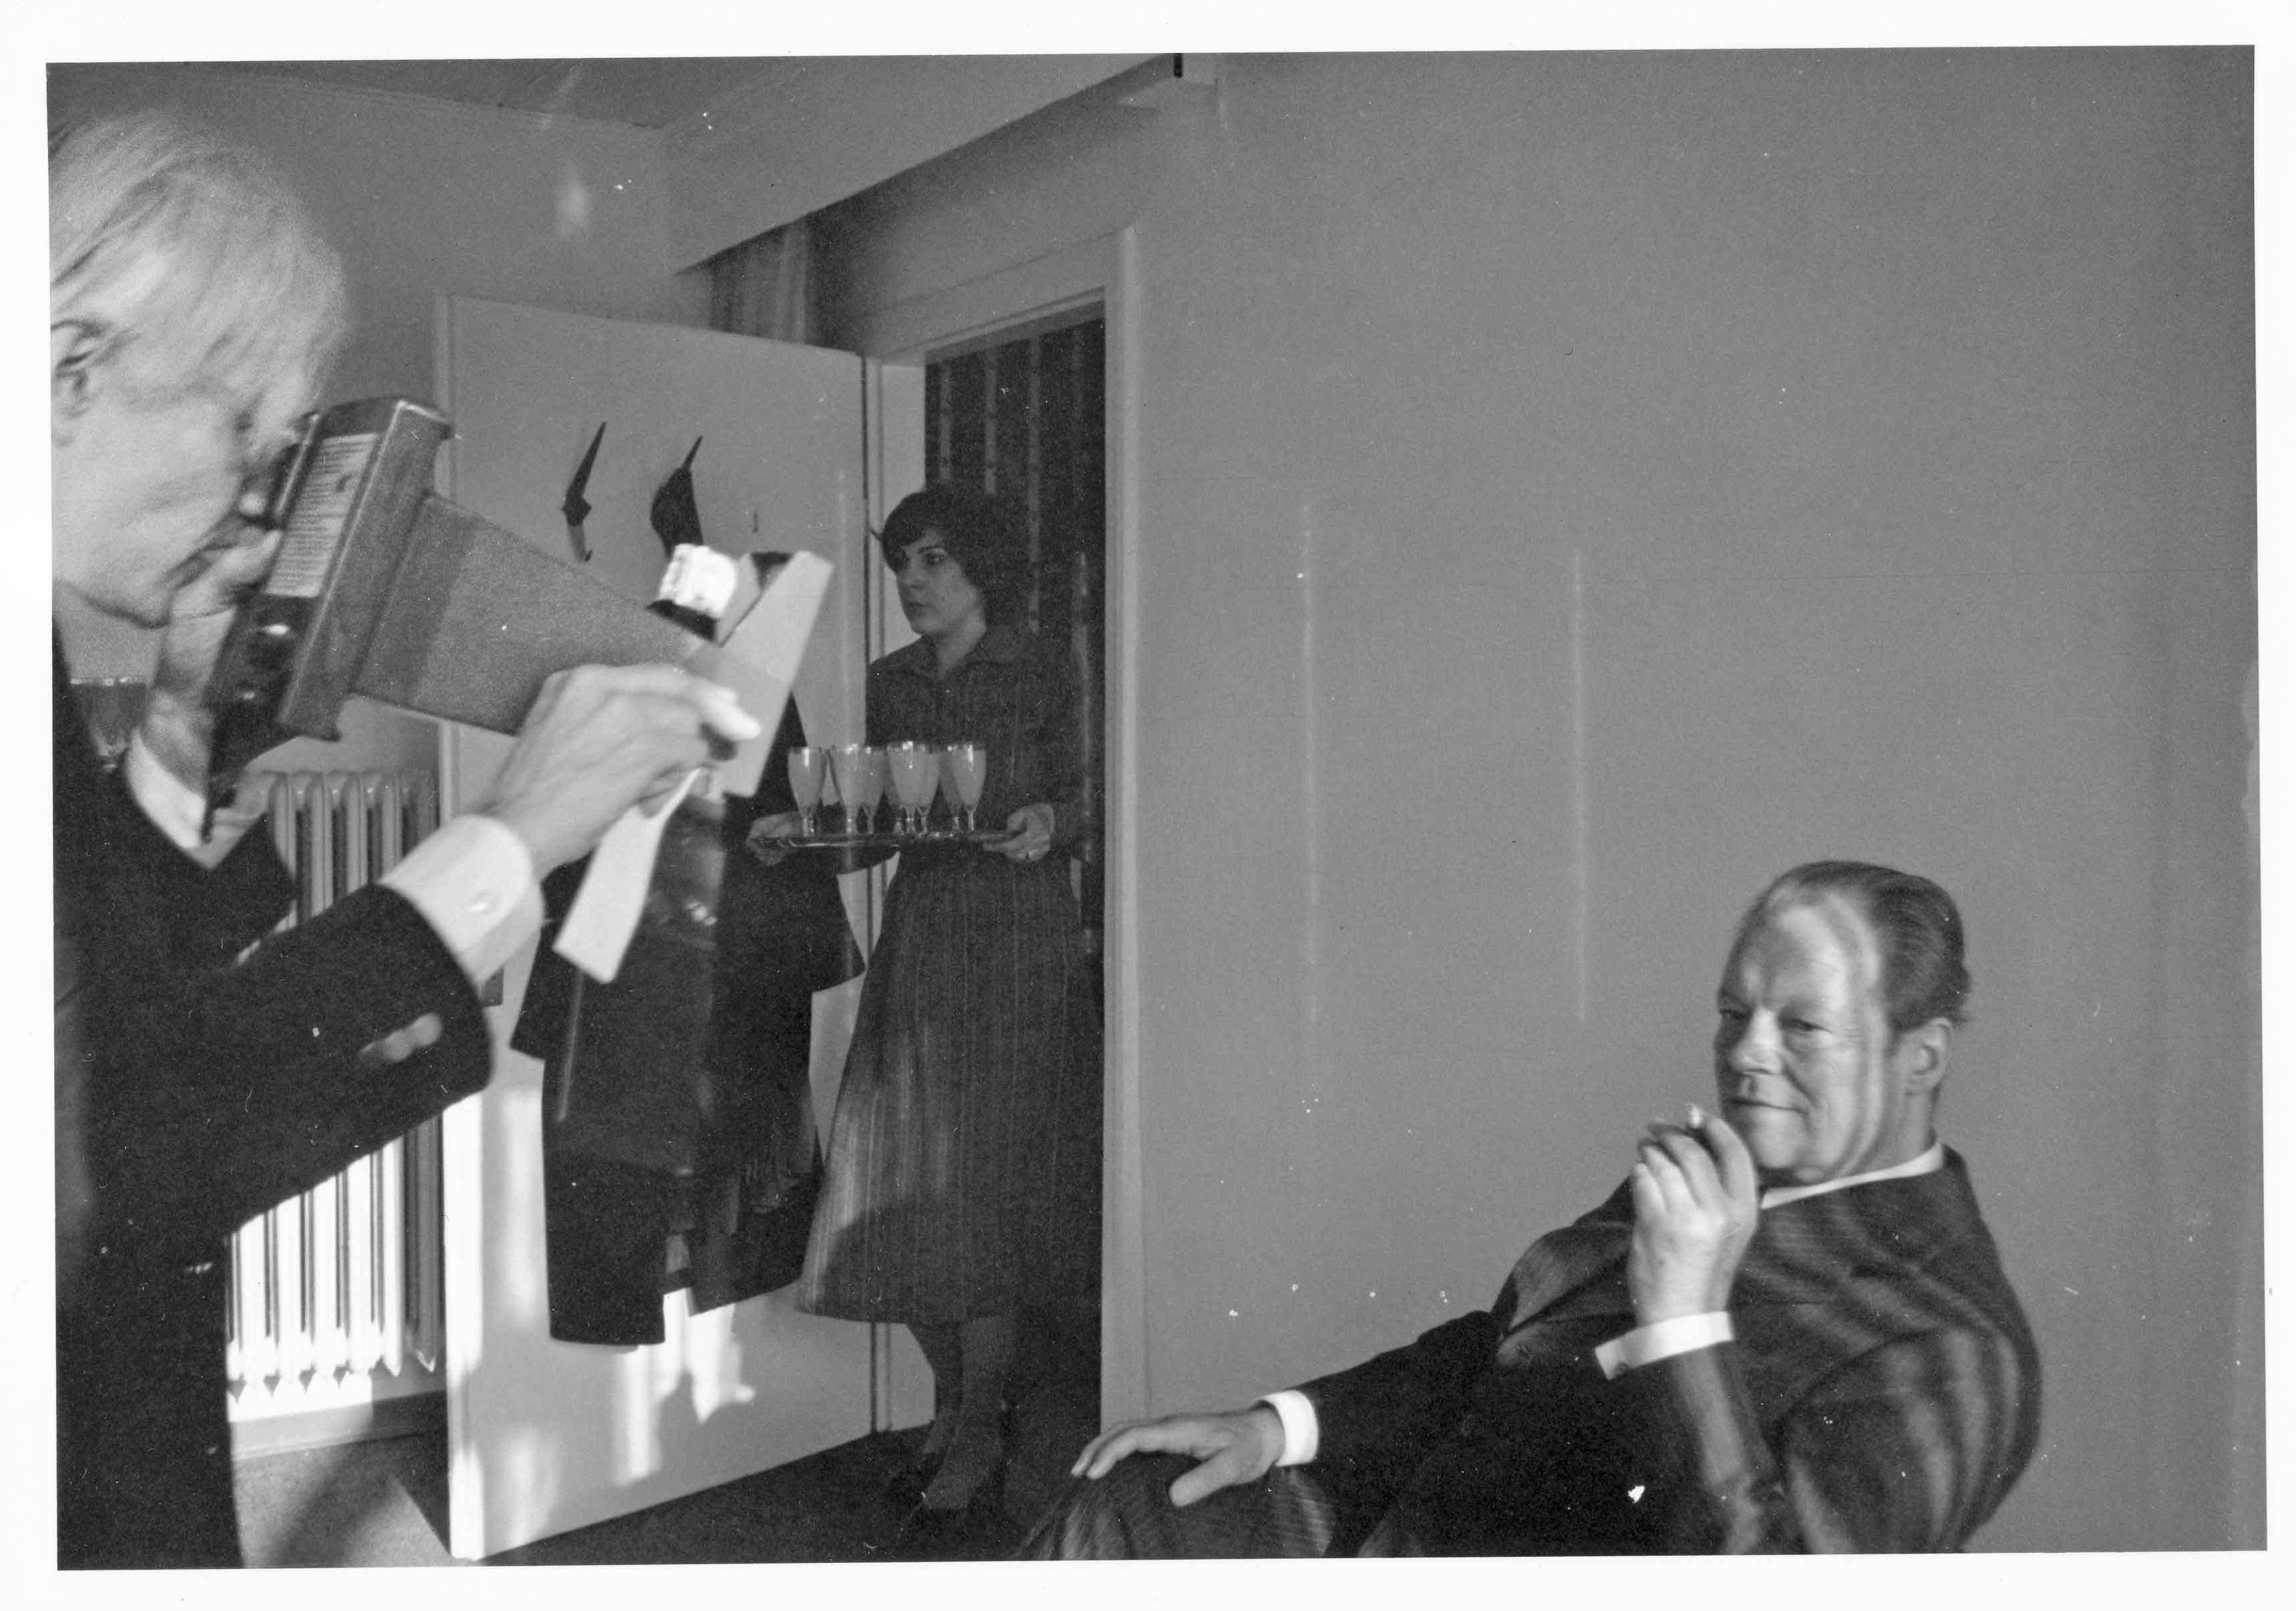 Bonn, 1976. Andy prenant des Polaroïd du chancelier Willy Brandt pour un portrait commandé par le Parti social-démocrate. © Bob Colacello